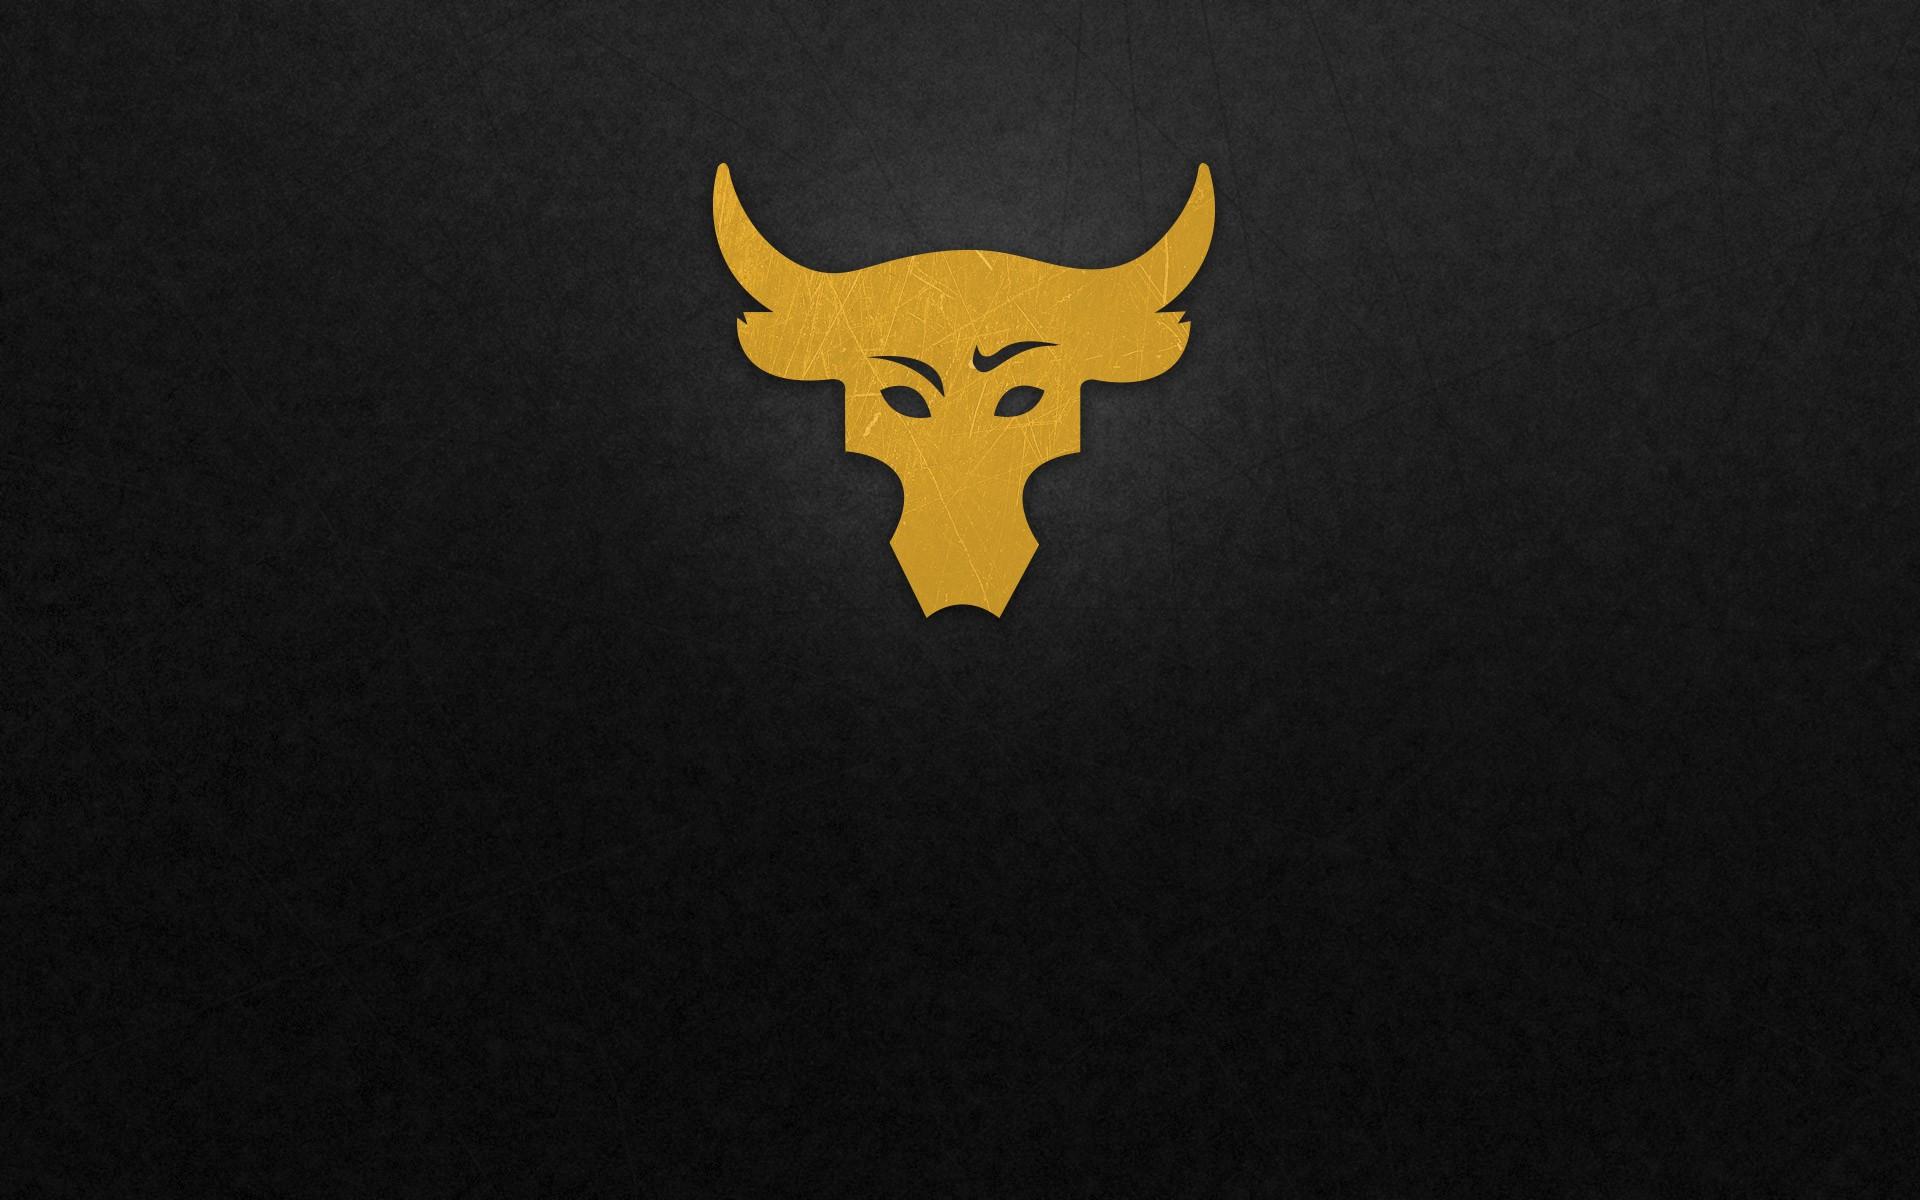 Sfondi Colorato Bianca Nero Roccia Logo Leone Cuccioli Tori